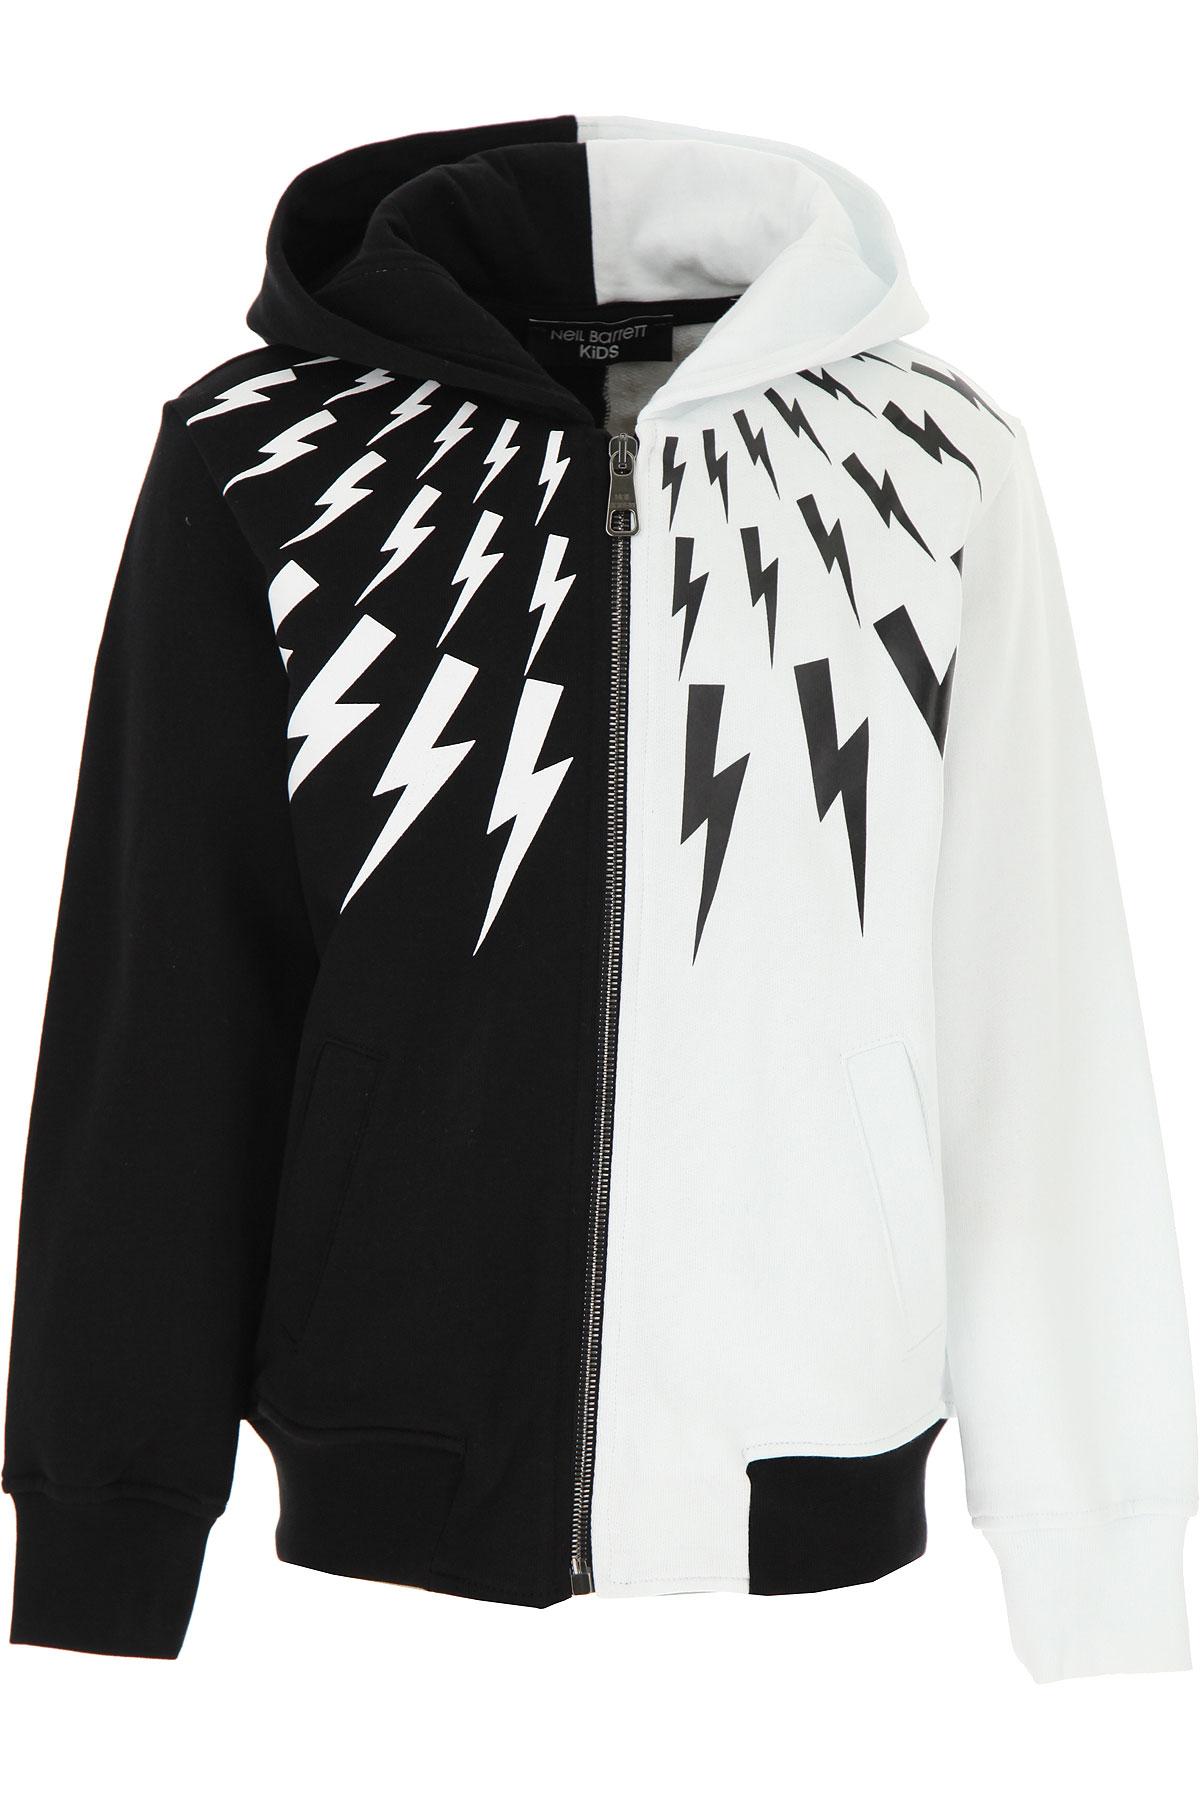 Neil Barrett Kids Sweatshirts & Hoodies for Boys On Sale, Black, Cotton, 2019, 10Y 12Y 6Y 8Y